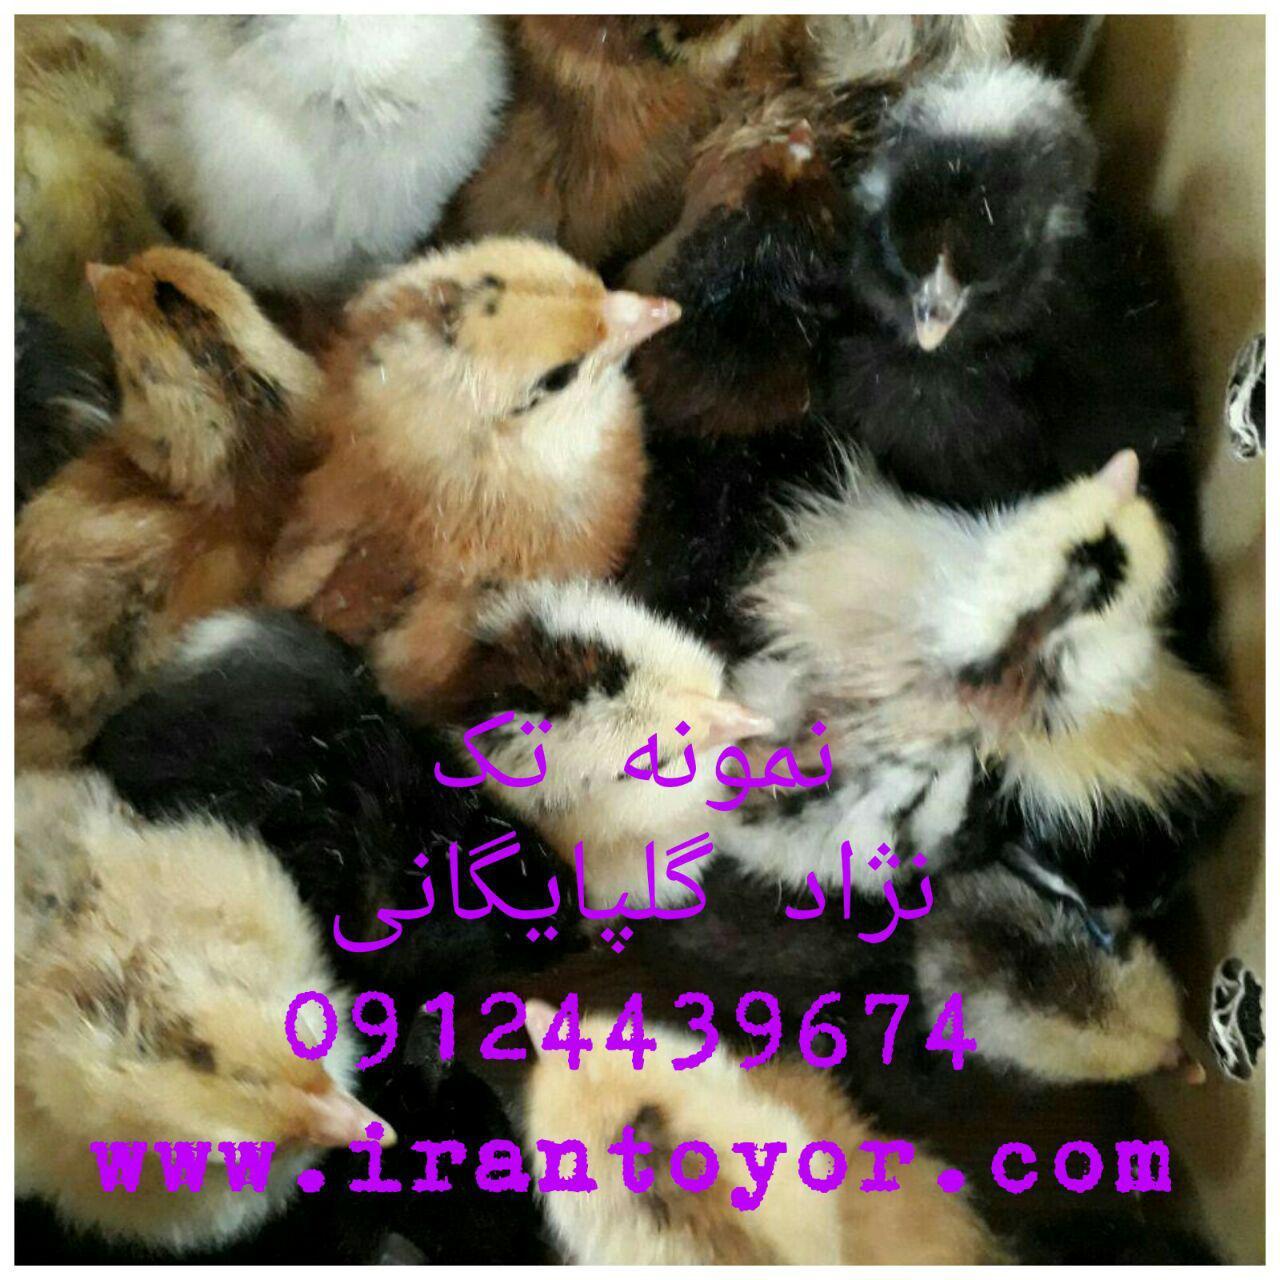 صادرات جوجه بومی به افغانستان 09124439674